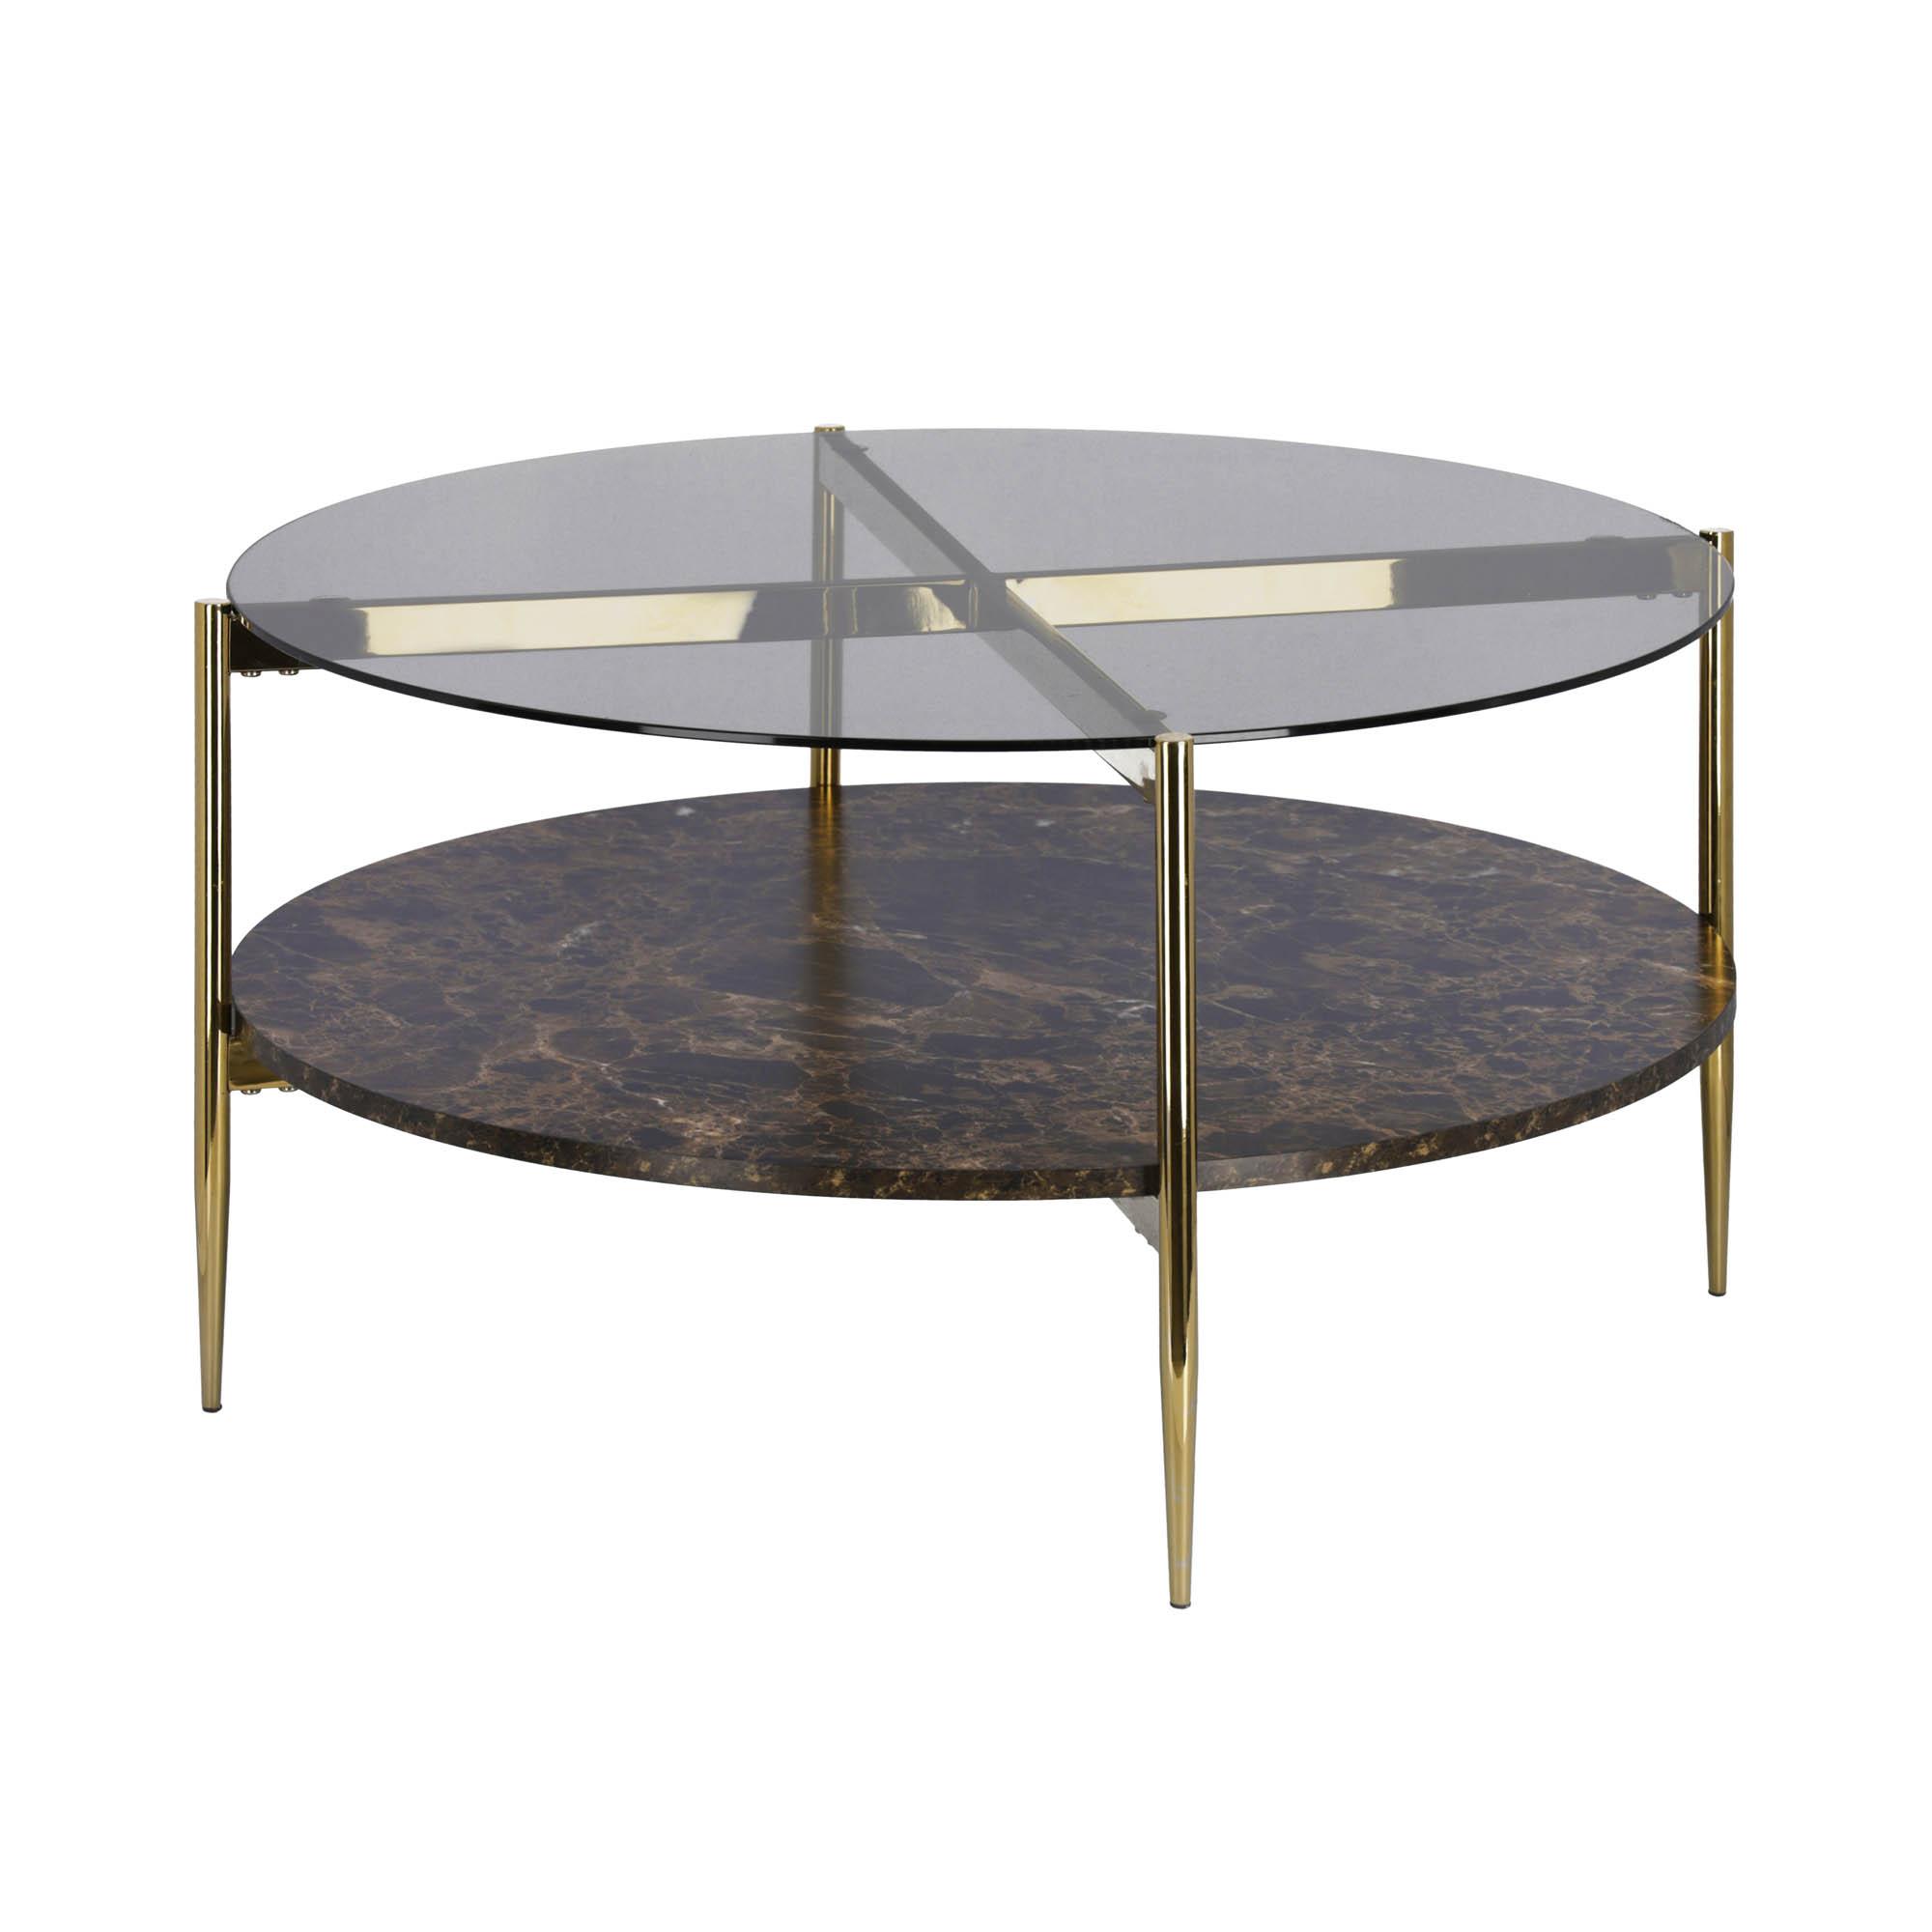 Kave home - table basse kamilah Ø 84 cm